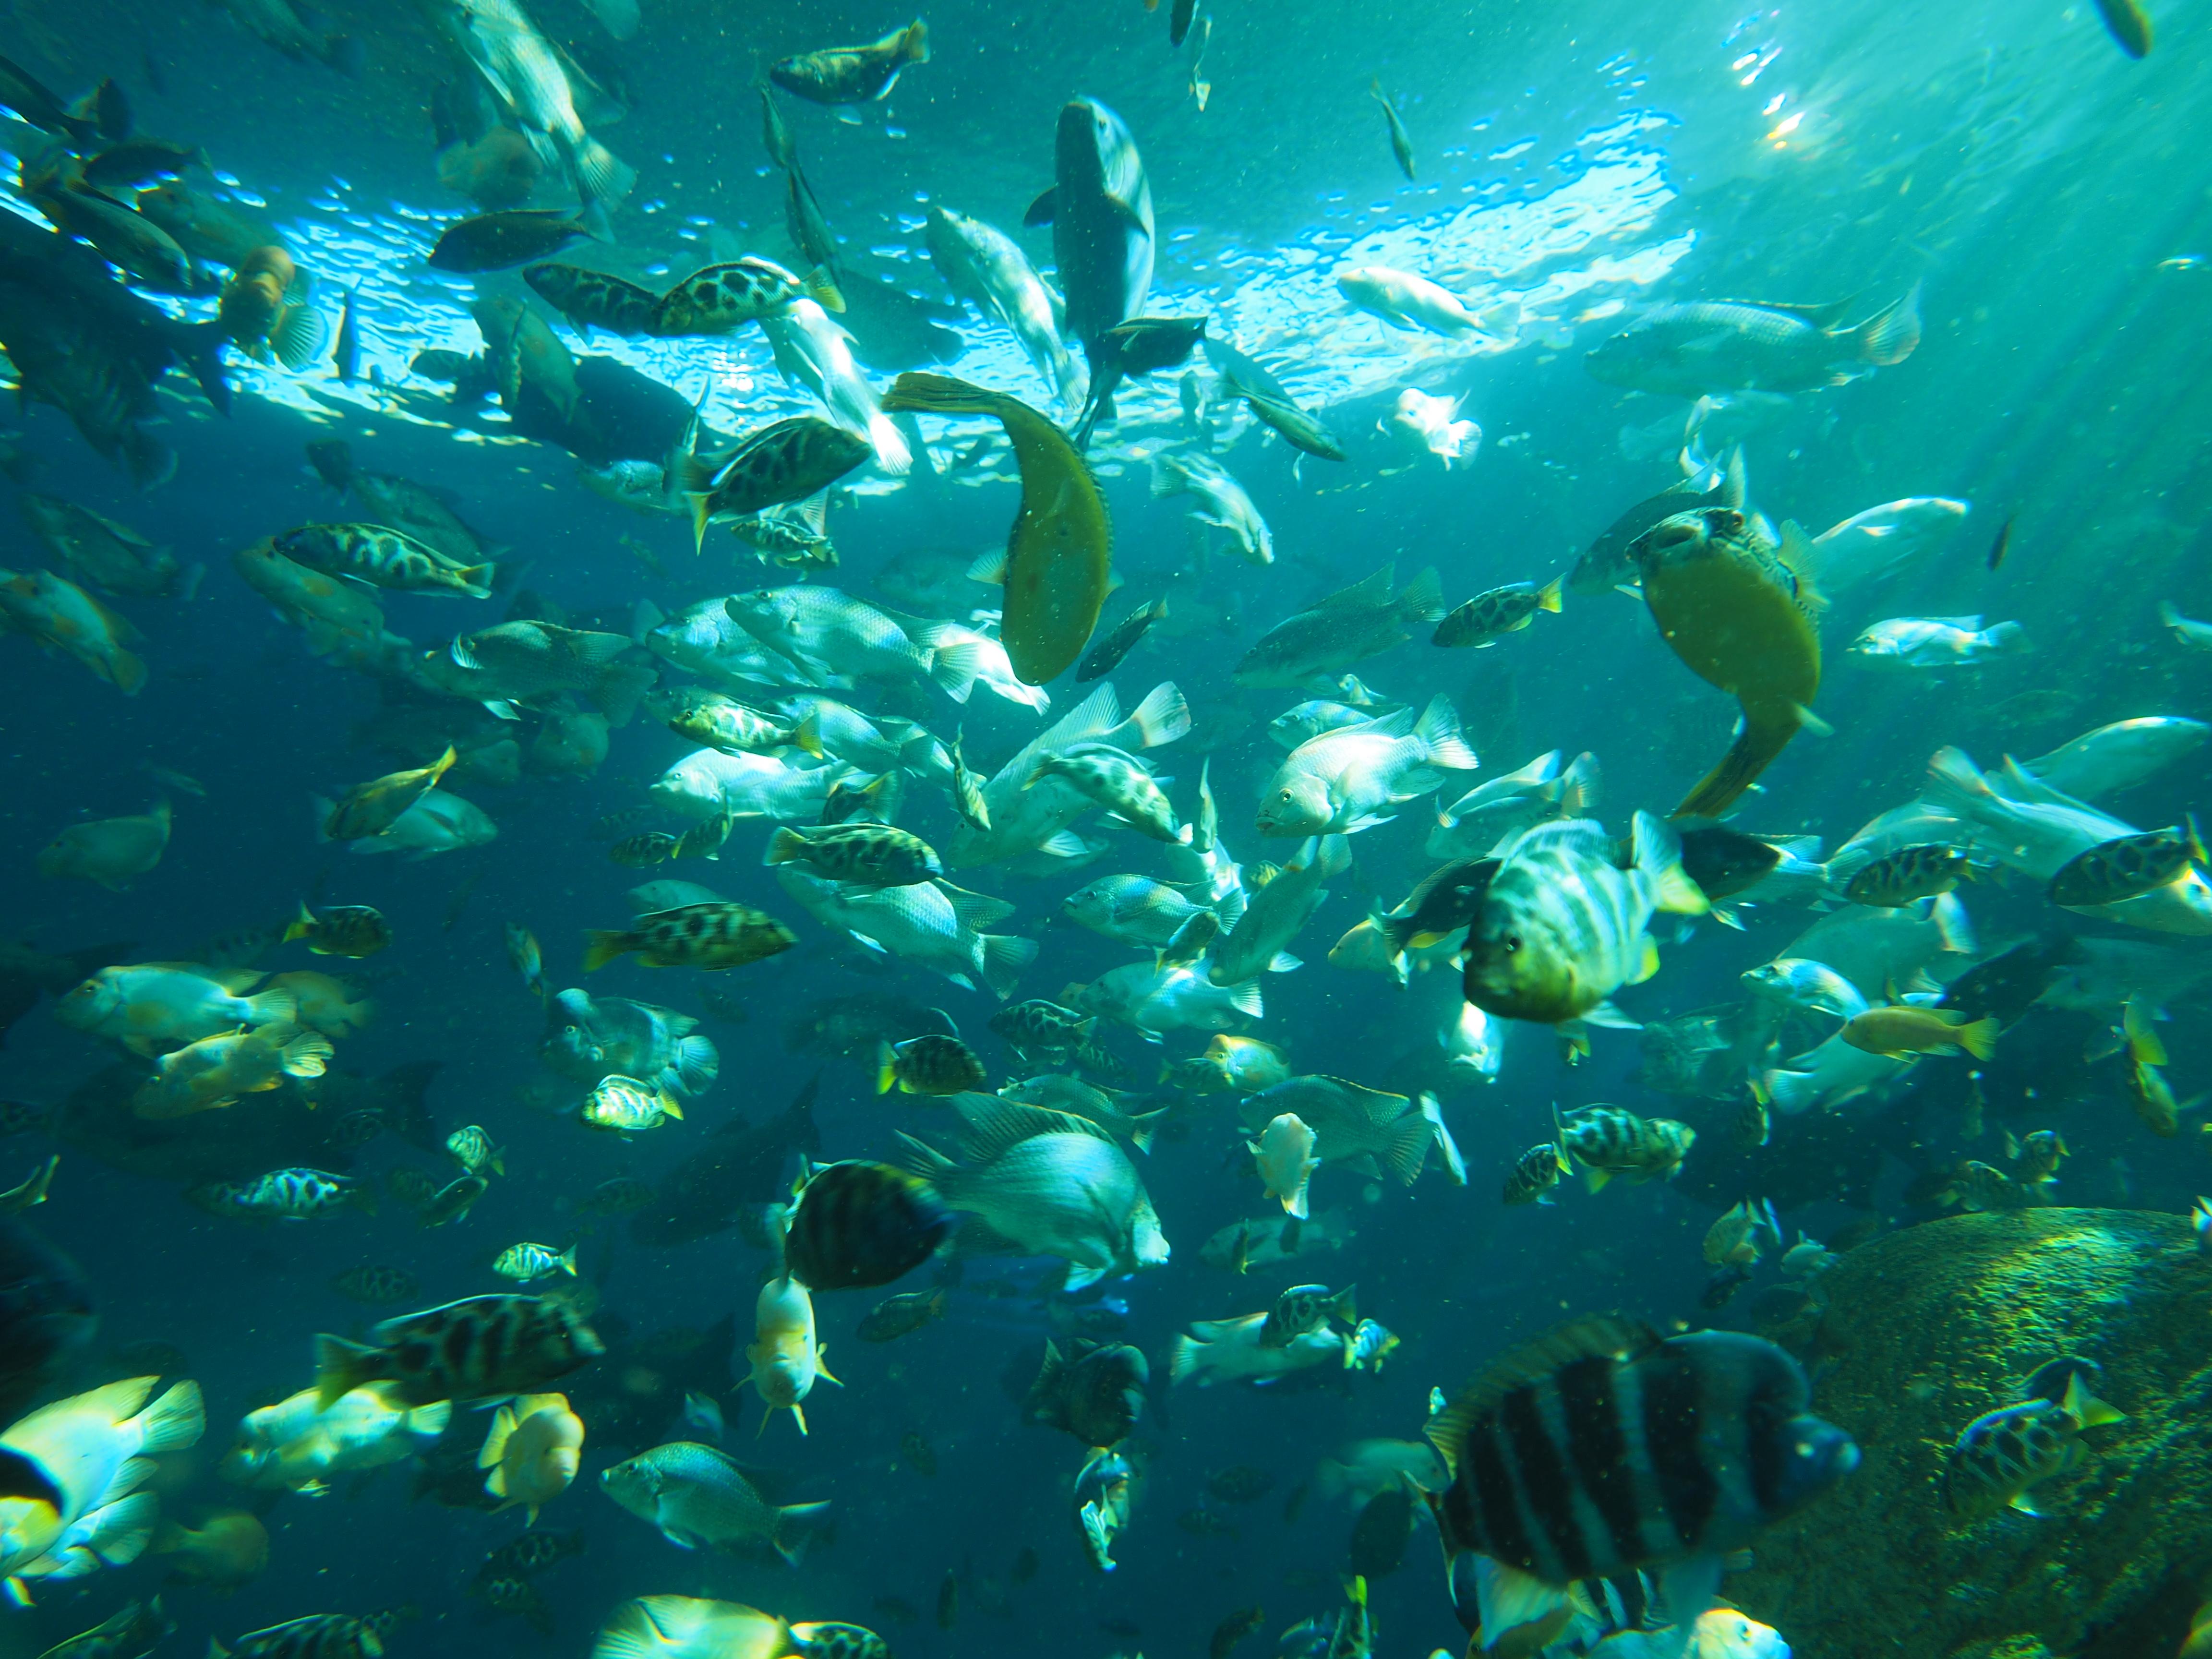 Image de banc de poissons tropicaux